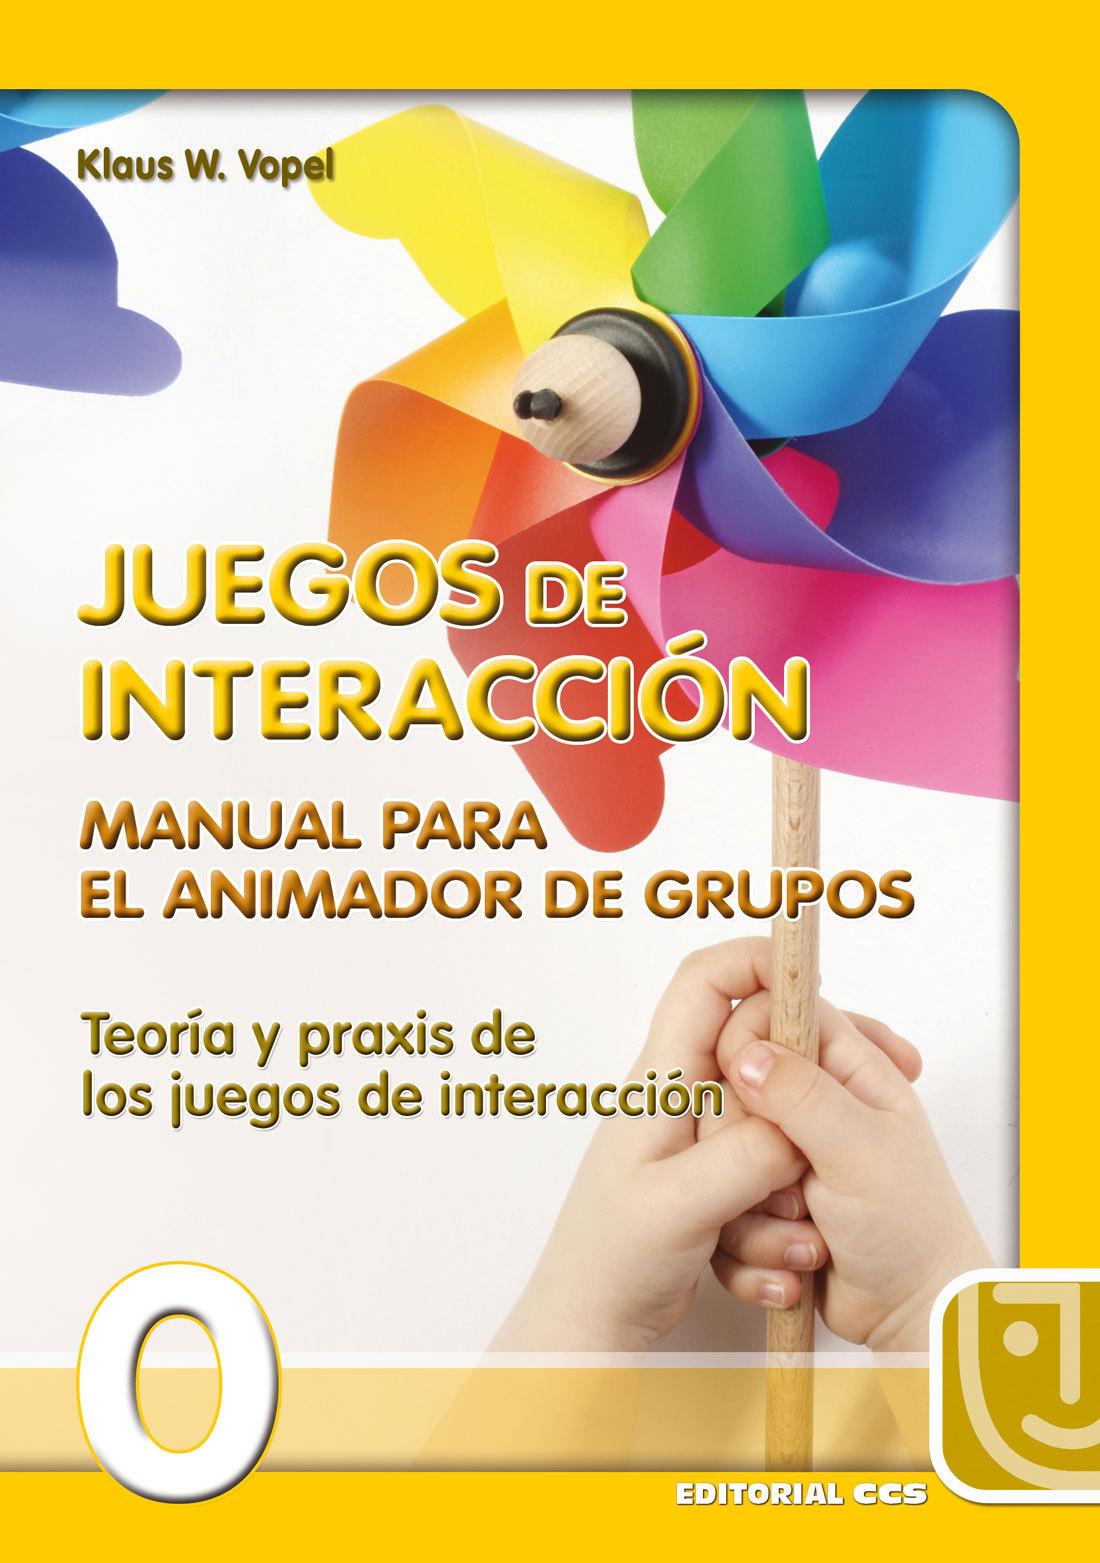 MANUAL PARA EL ANIMADOR DE GRUPOS. TEORIA Y PRAXIS DE LOS JUEGOS